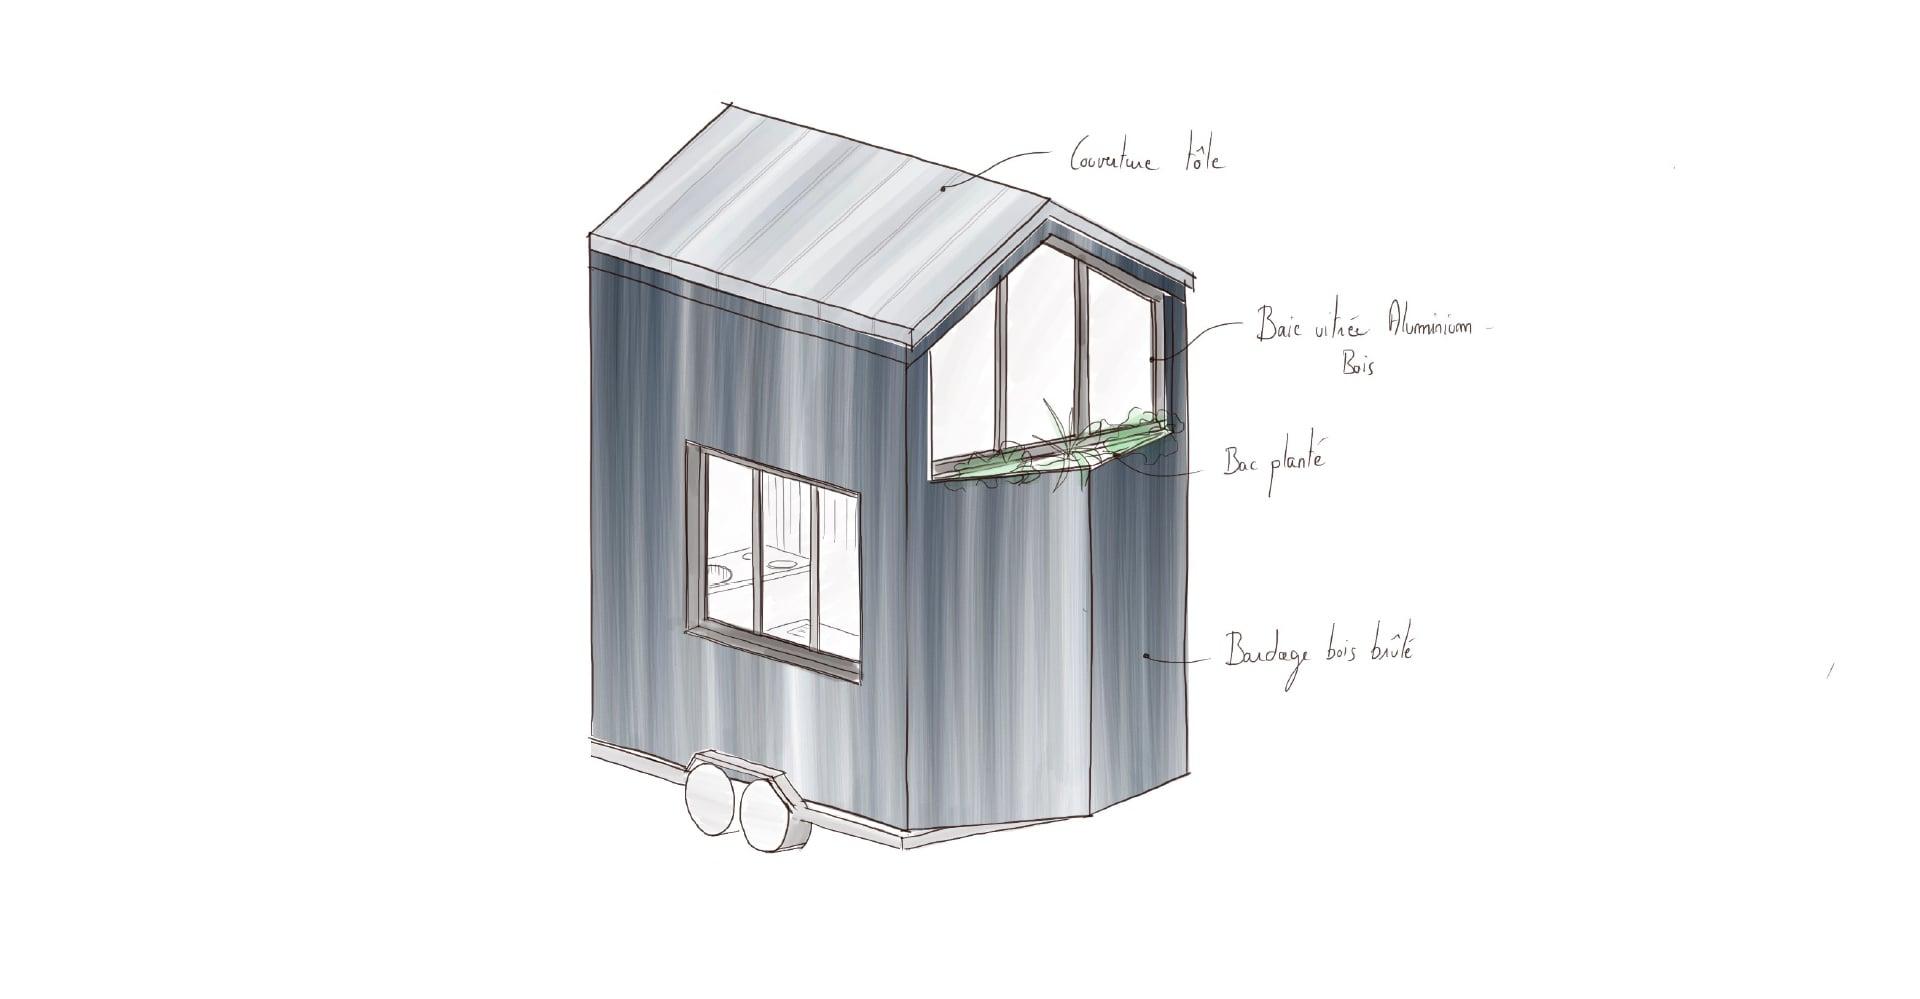 tiny-house-model-office